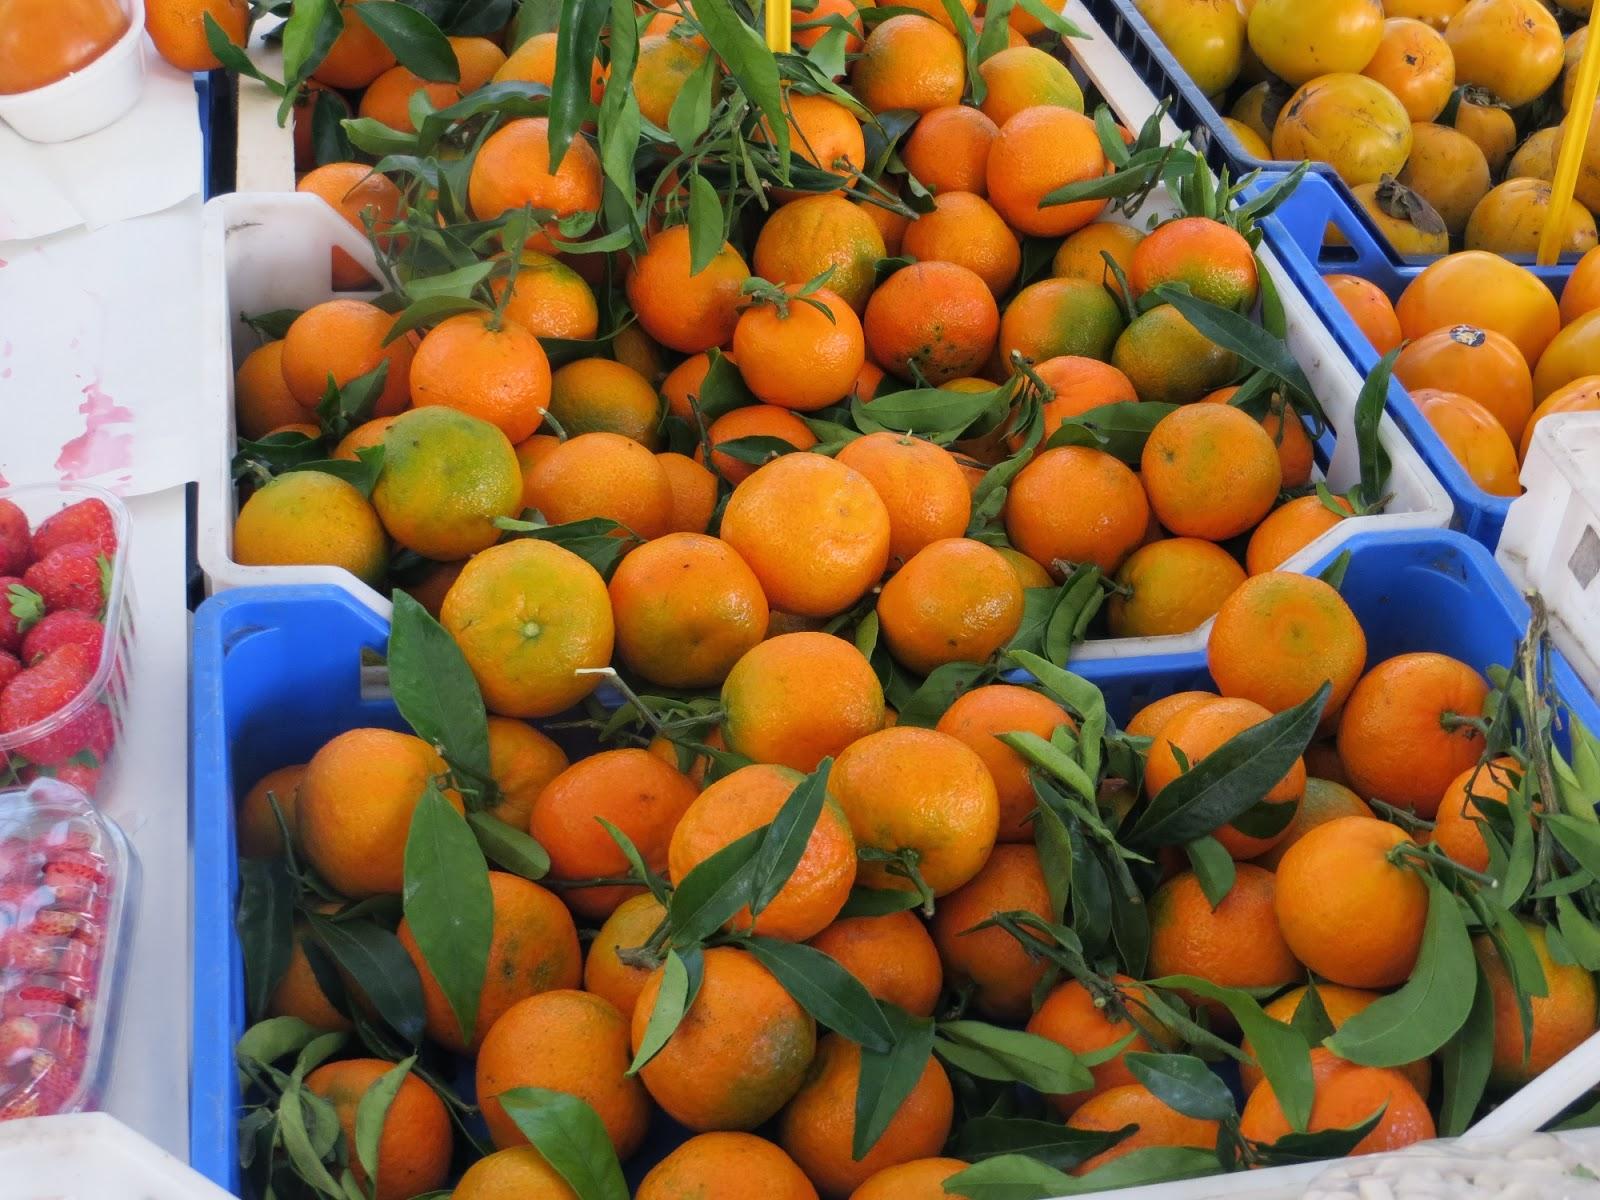 Fresh Oranges in the Campo de Fiore, Rome, Italy